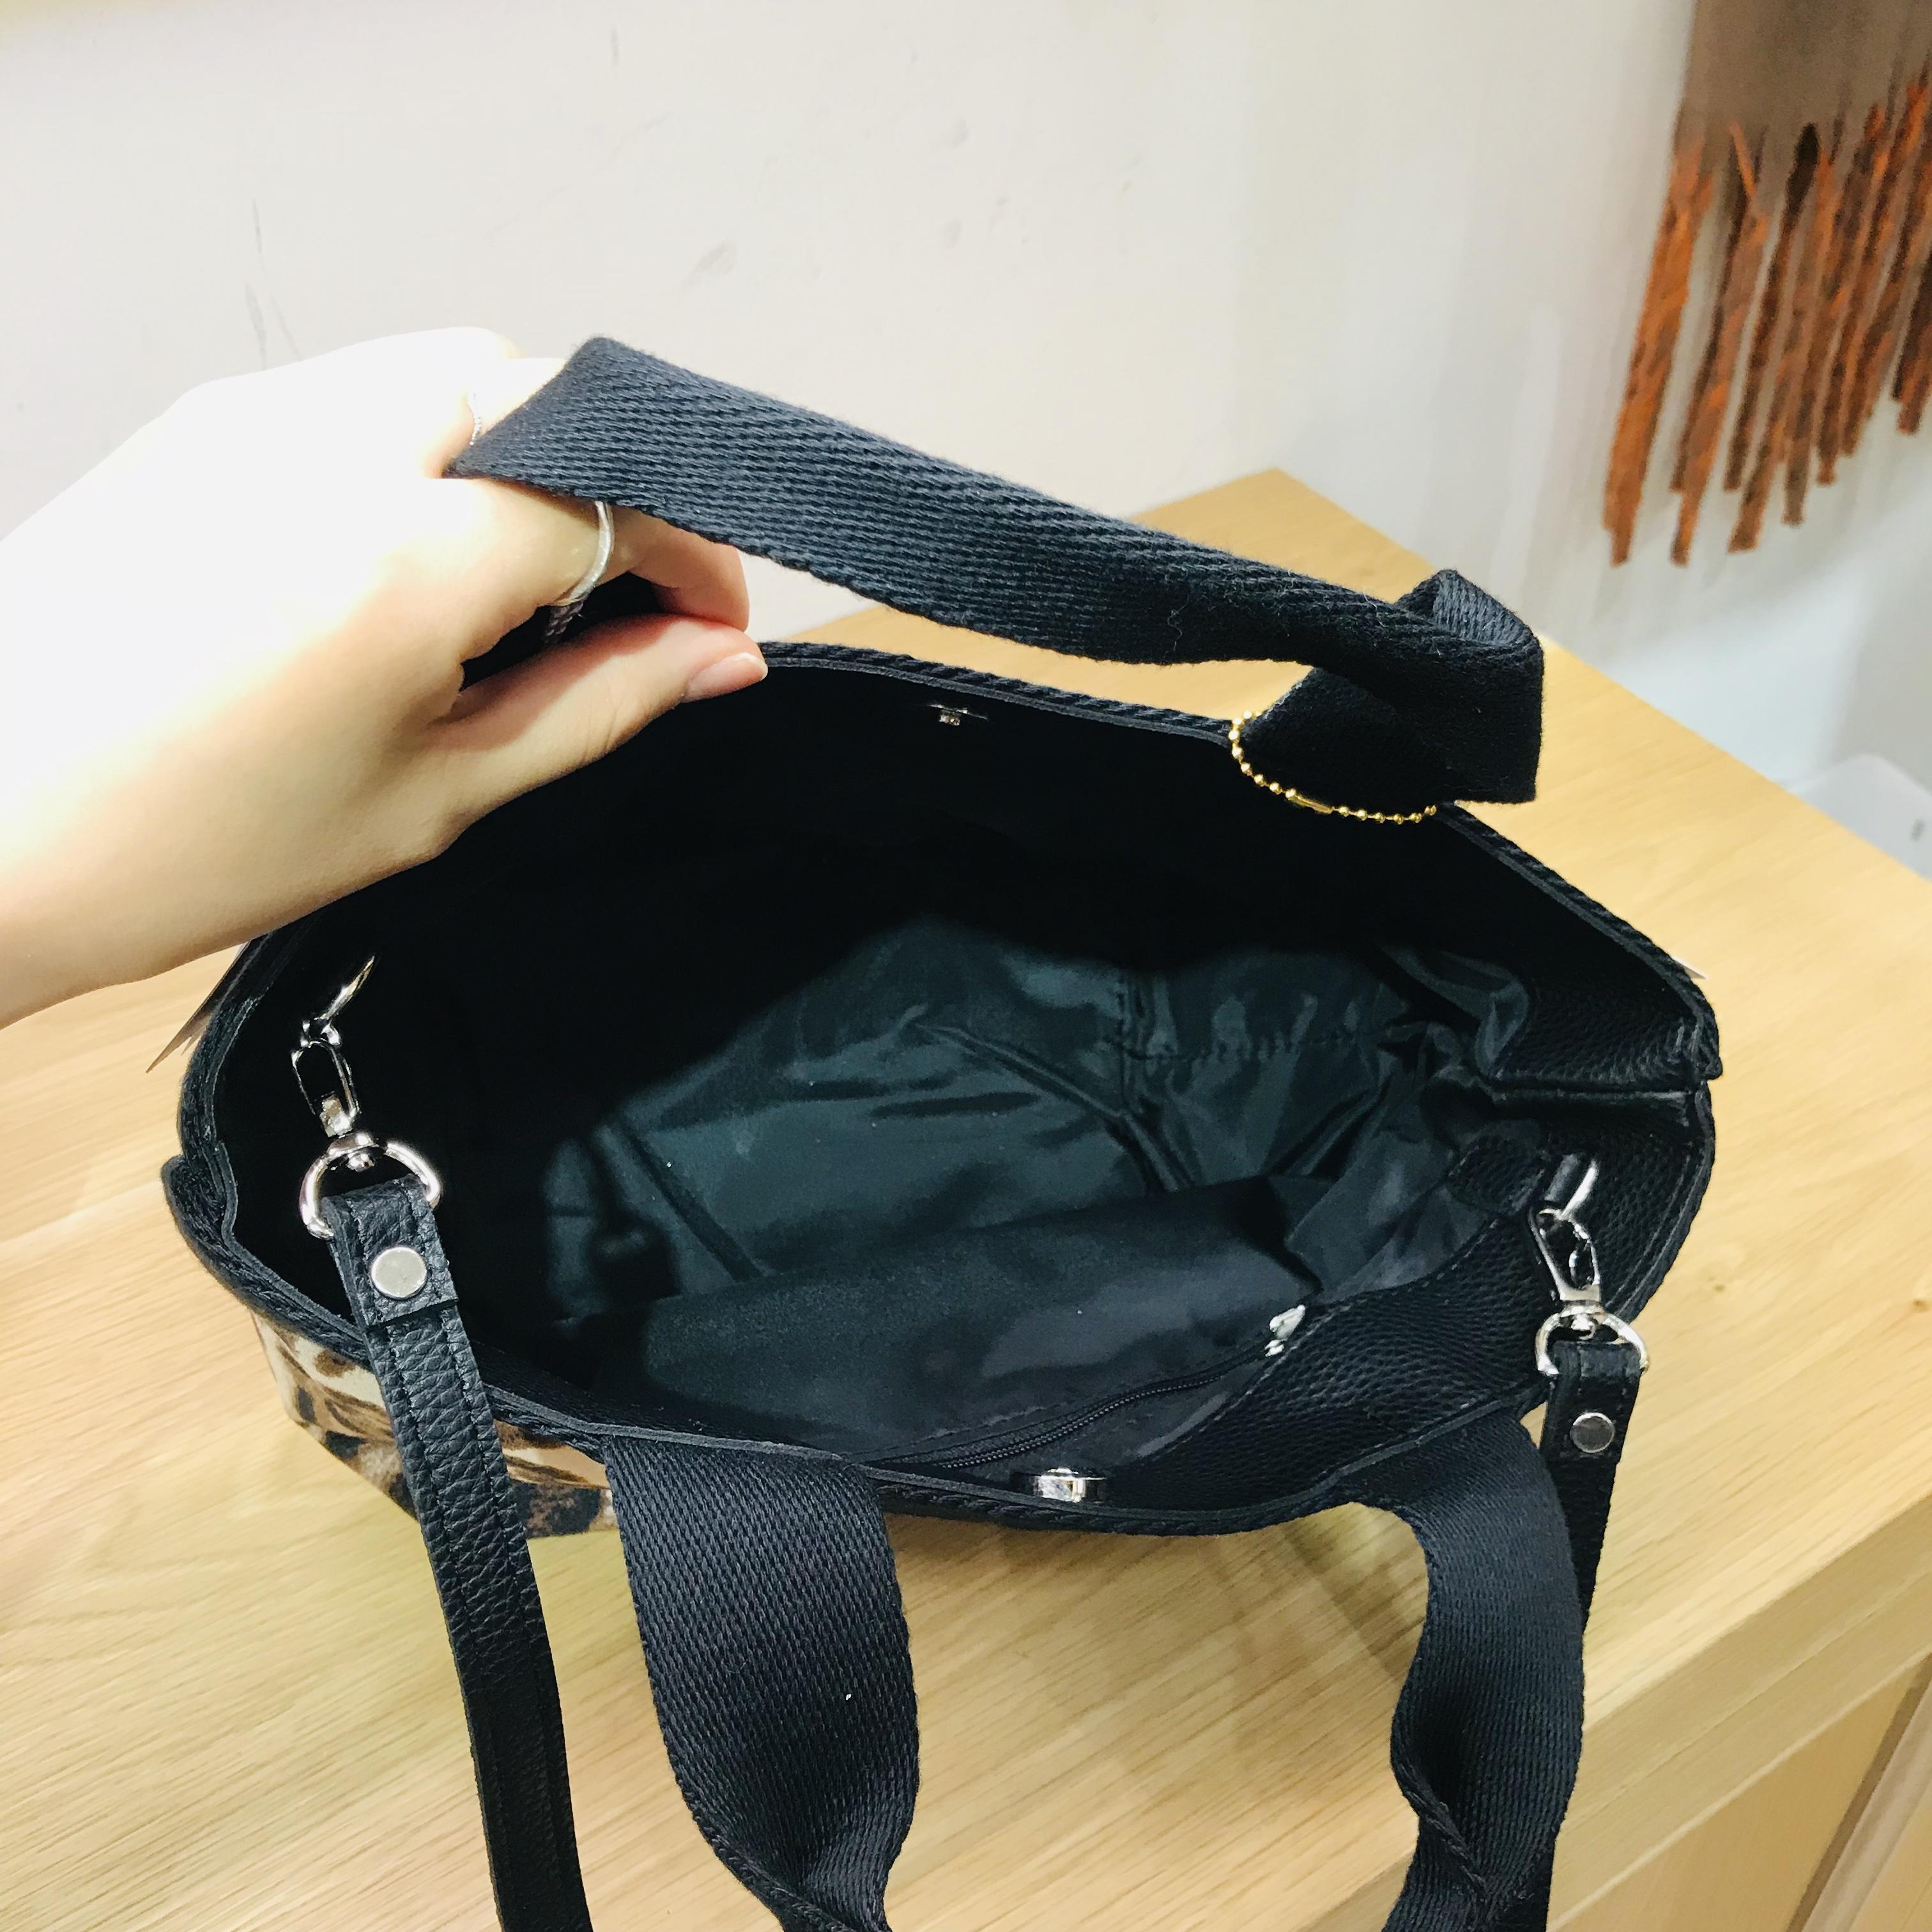 Scrap Book スクラップブック tote bag トートバッグ